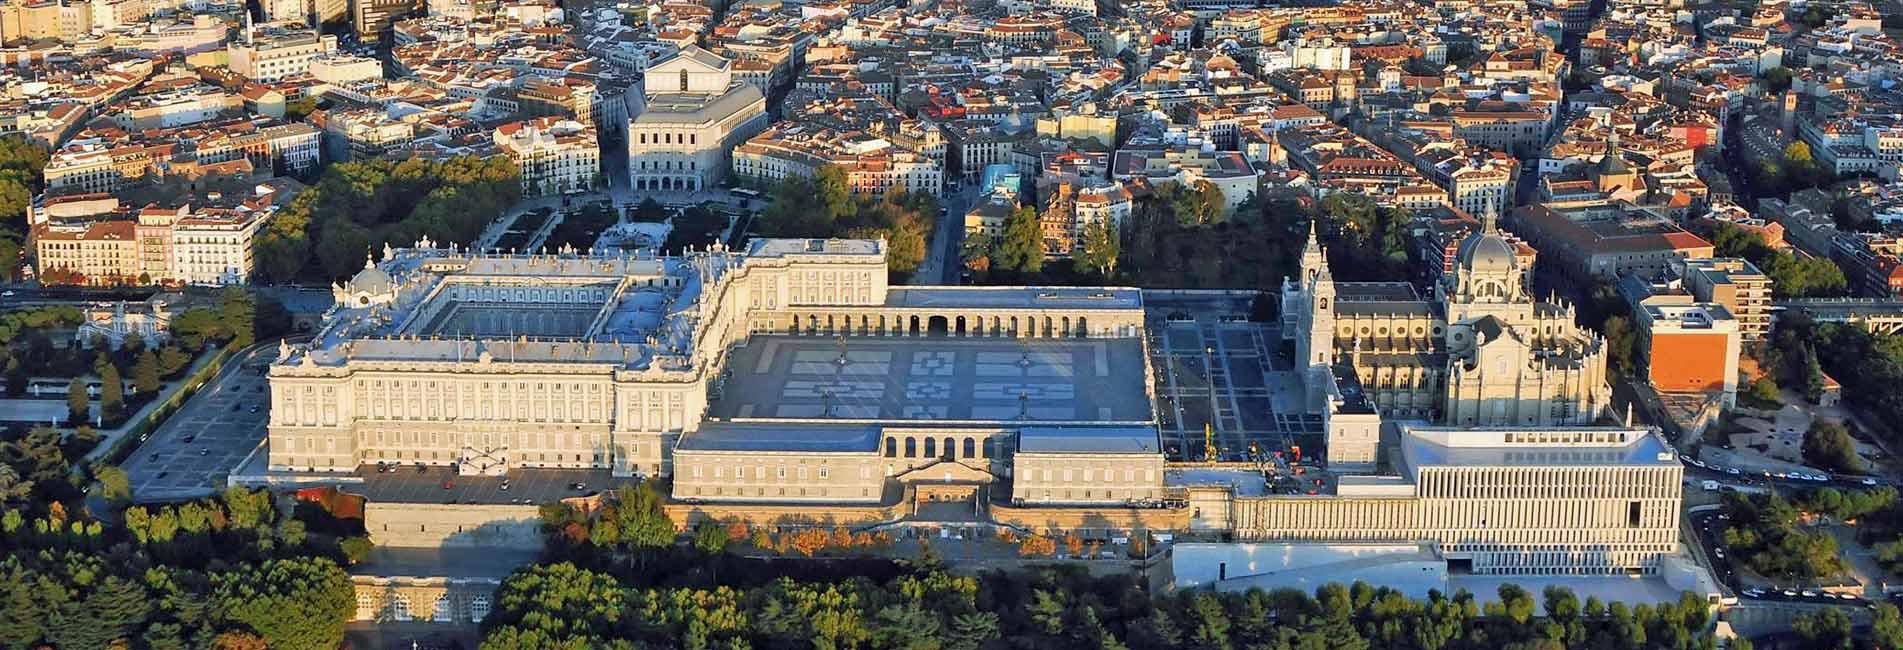 Vista aérea Palacio Real, Teatro real, Catedral de la Almudena y Museo de las Colecciones Reales © Patrimonio Nacional